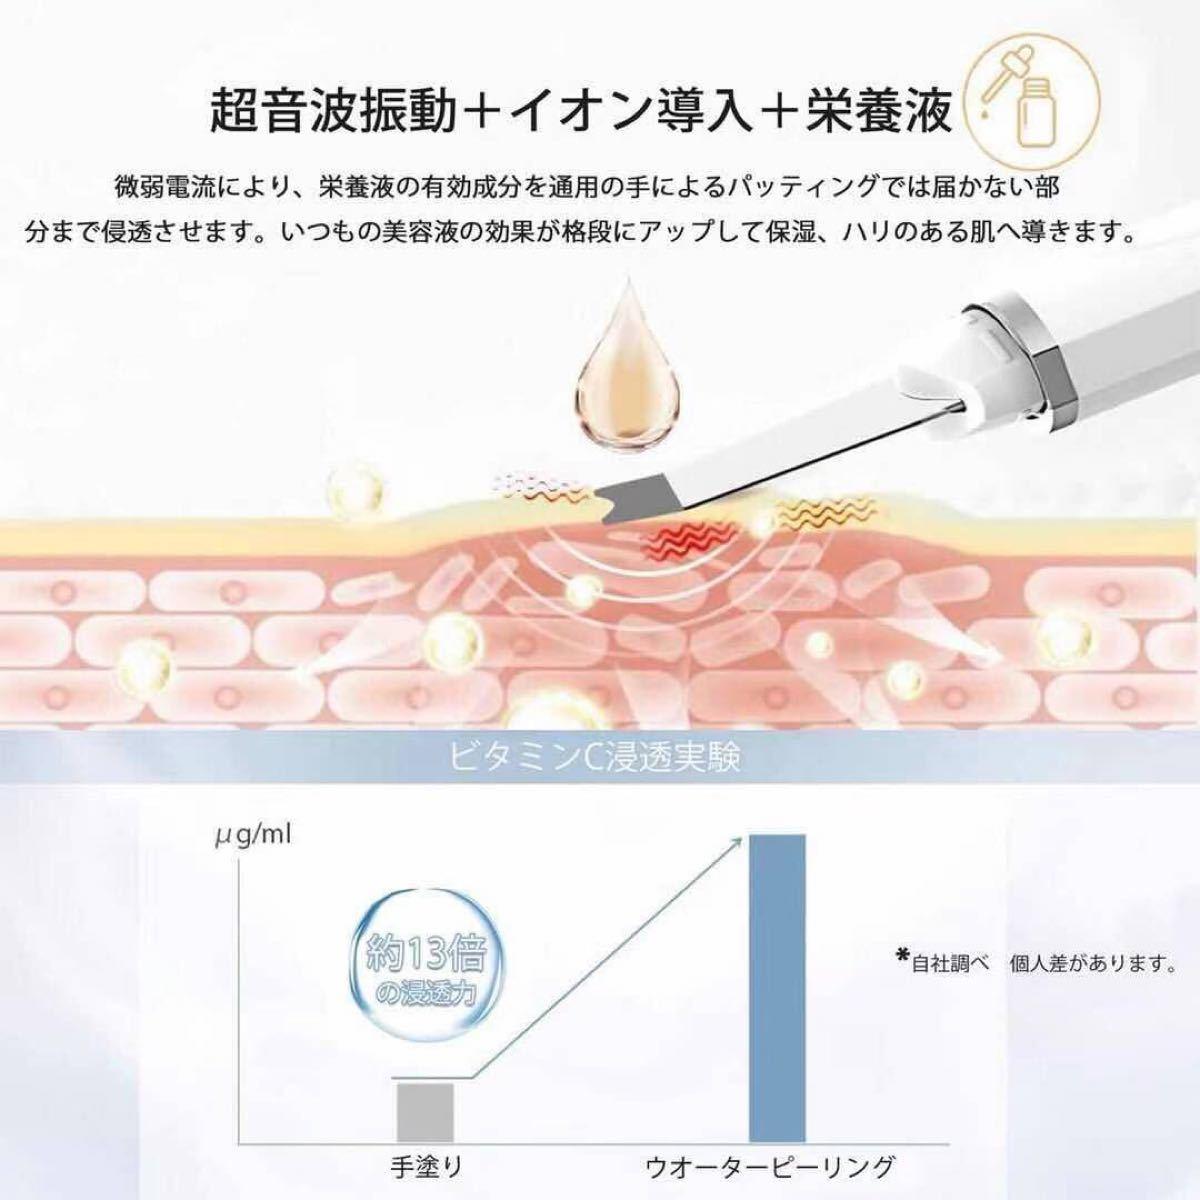 ウォーターピーリング 目元ケア 超音波ピーリング イオン導入 美顔器 超音波美顔器 スマートピール 超音波